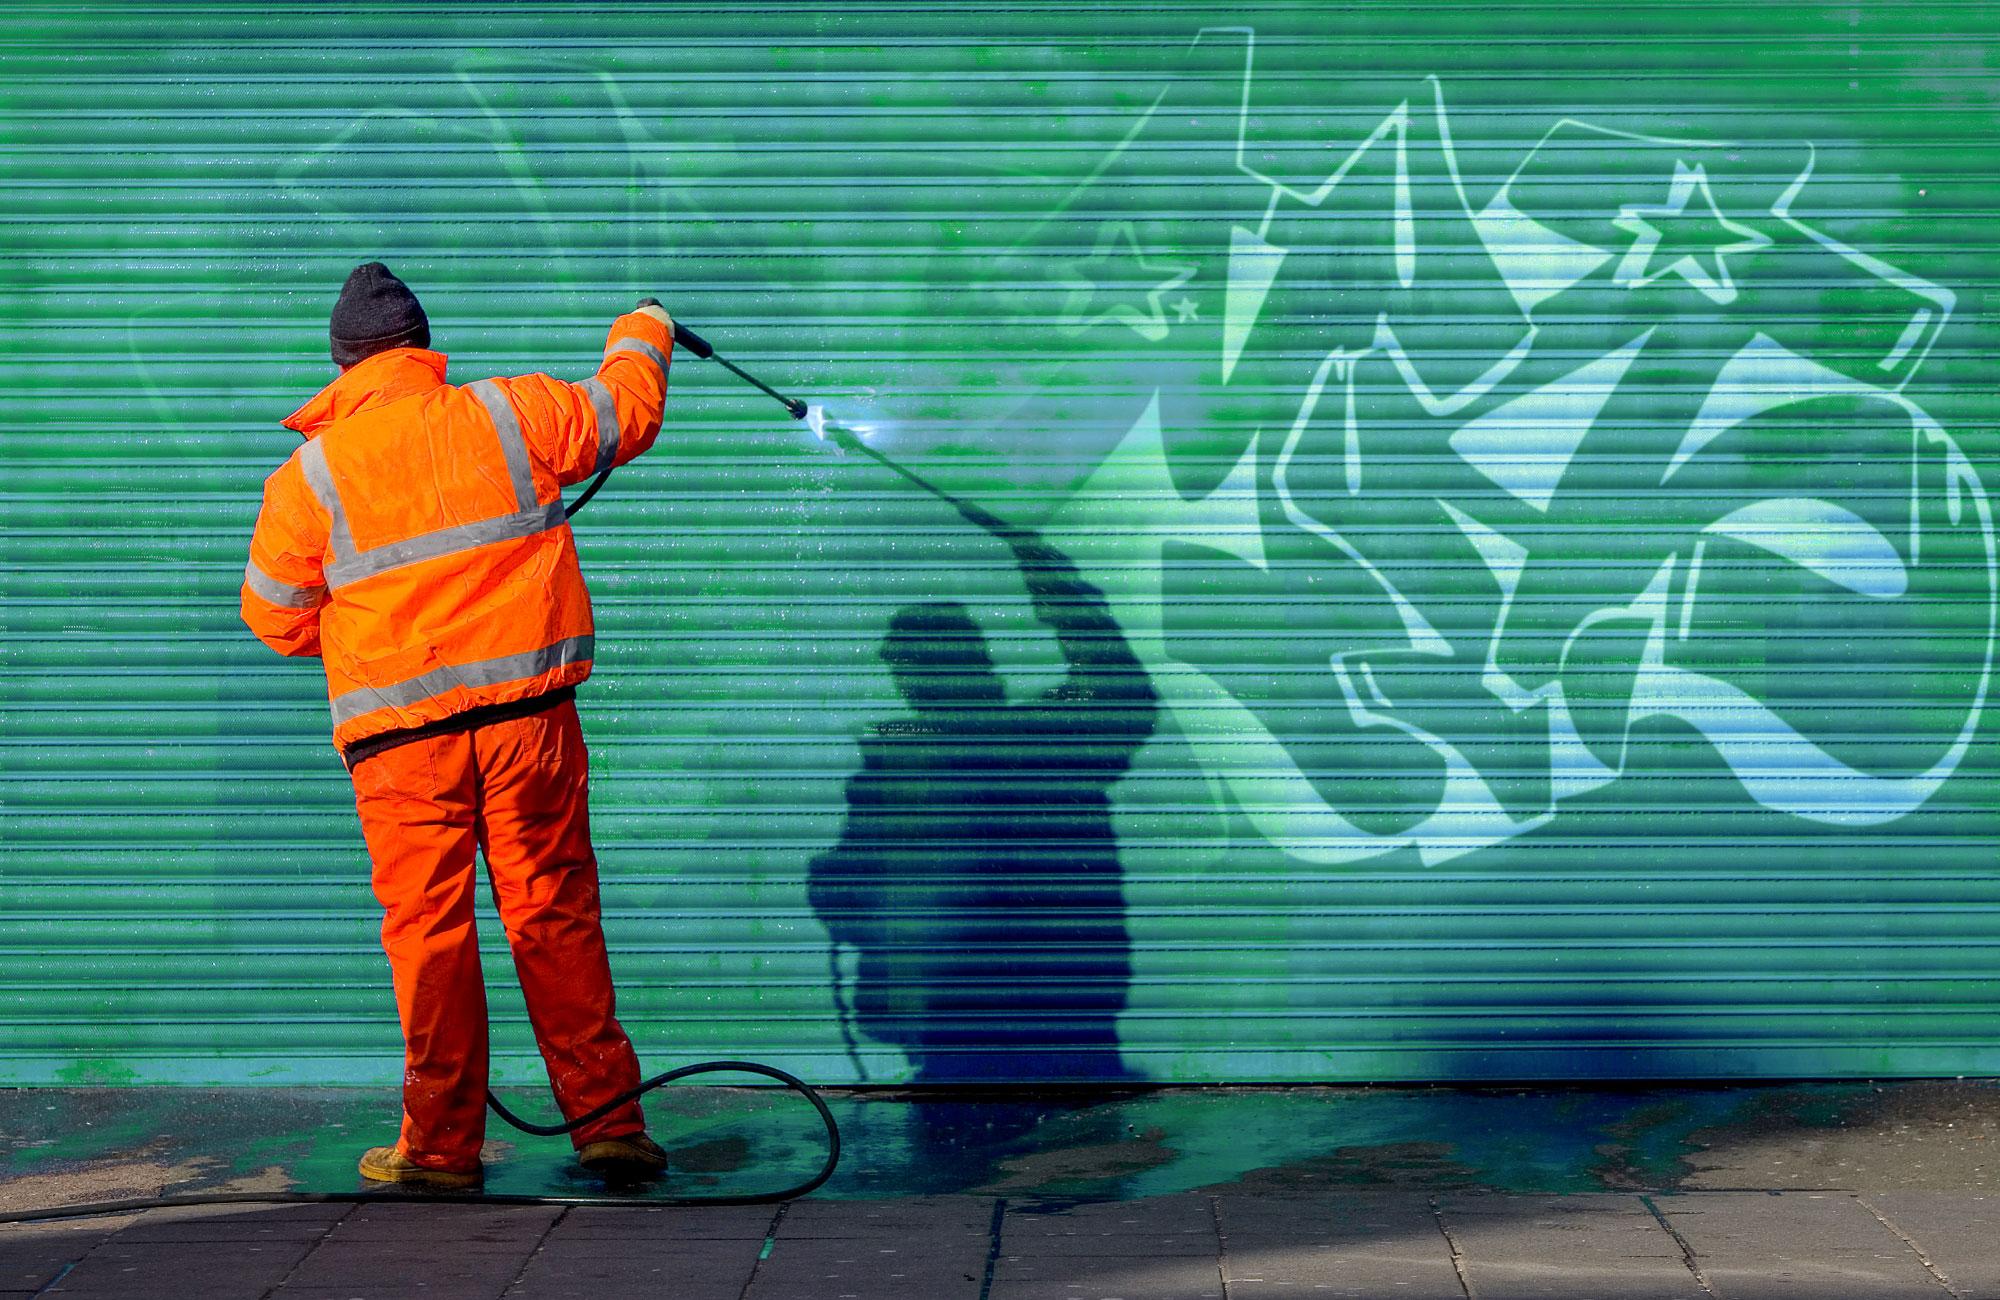 5a5ea0d5d9432b000128e9de HCS GraffitiRemoval